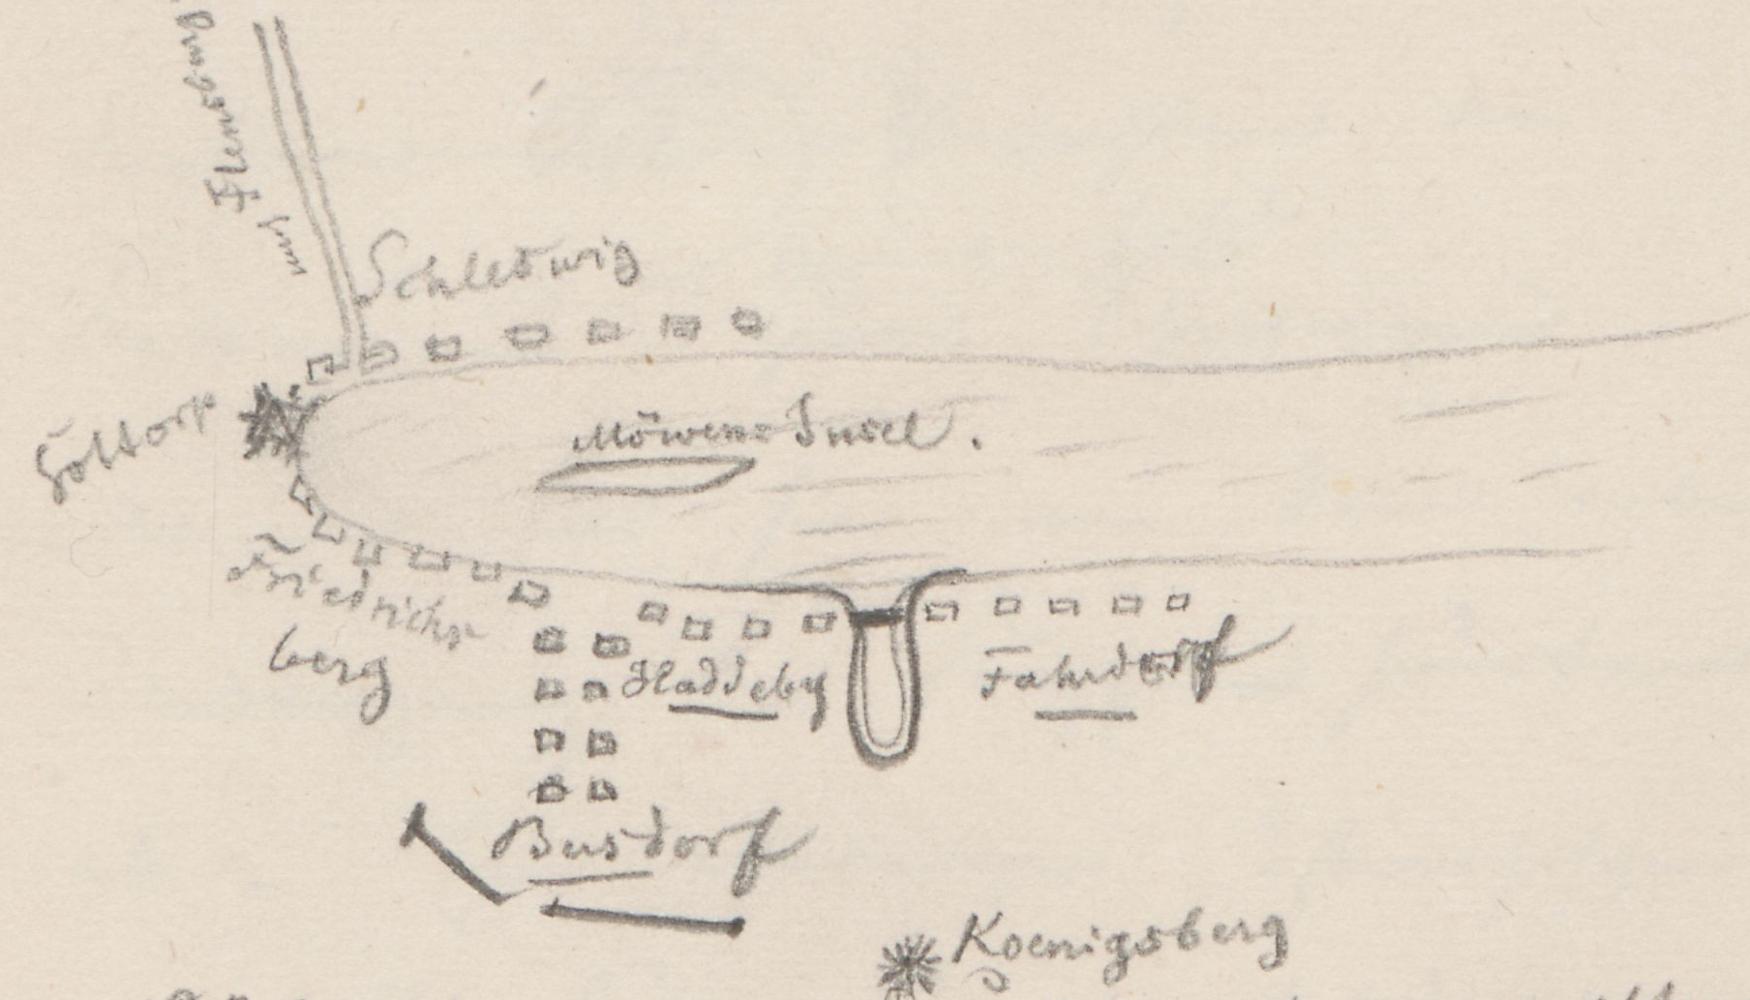 Lageplan des Schlachtfelds; Königshügel (in Schleswig-Holstein), KönigsbergKoenigshuegel(inSchleswig-Holstein)KoenigsbergKönigshügel.